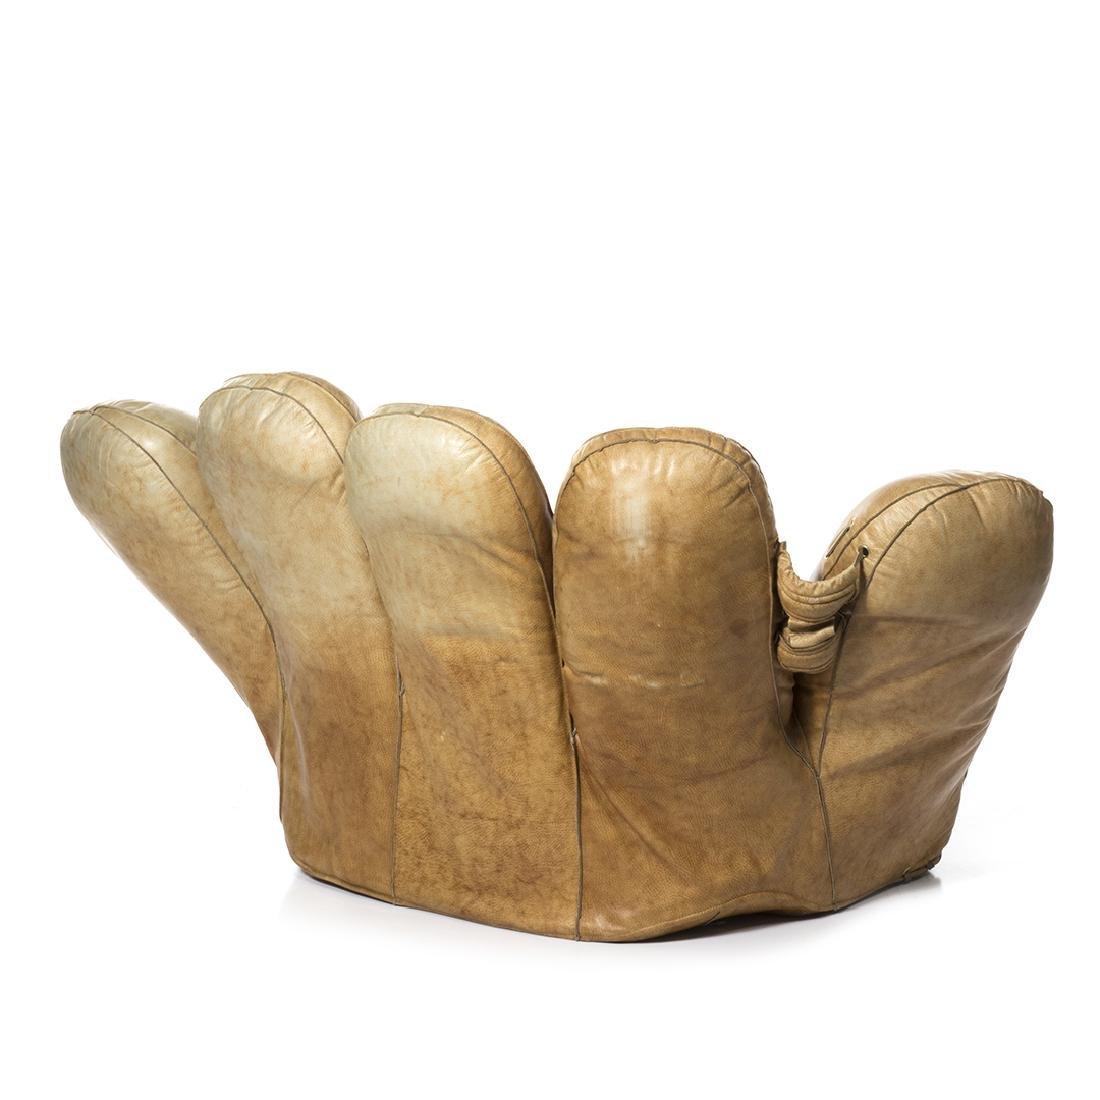 Stendig Joe Chair - 2